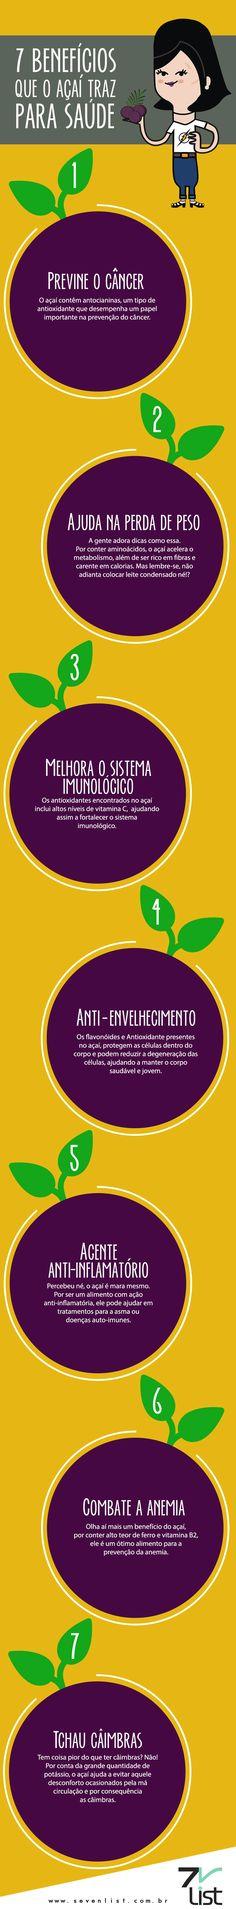 Hoje vamos falar de uma coisa que QUASE todo brasileiro gosta, o açaí, que além de uma delícia ainda é ótimo para a saúde. Confira 7 benefícios que ele traz. #SevenList #Dicas #Saúde #Fit #Alimentação #Açaí #Summer